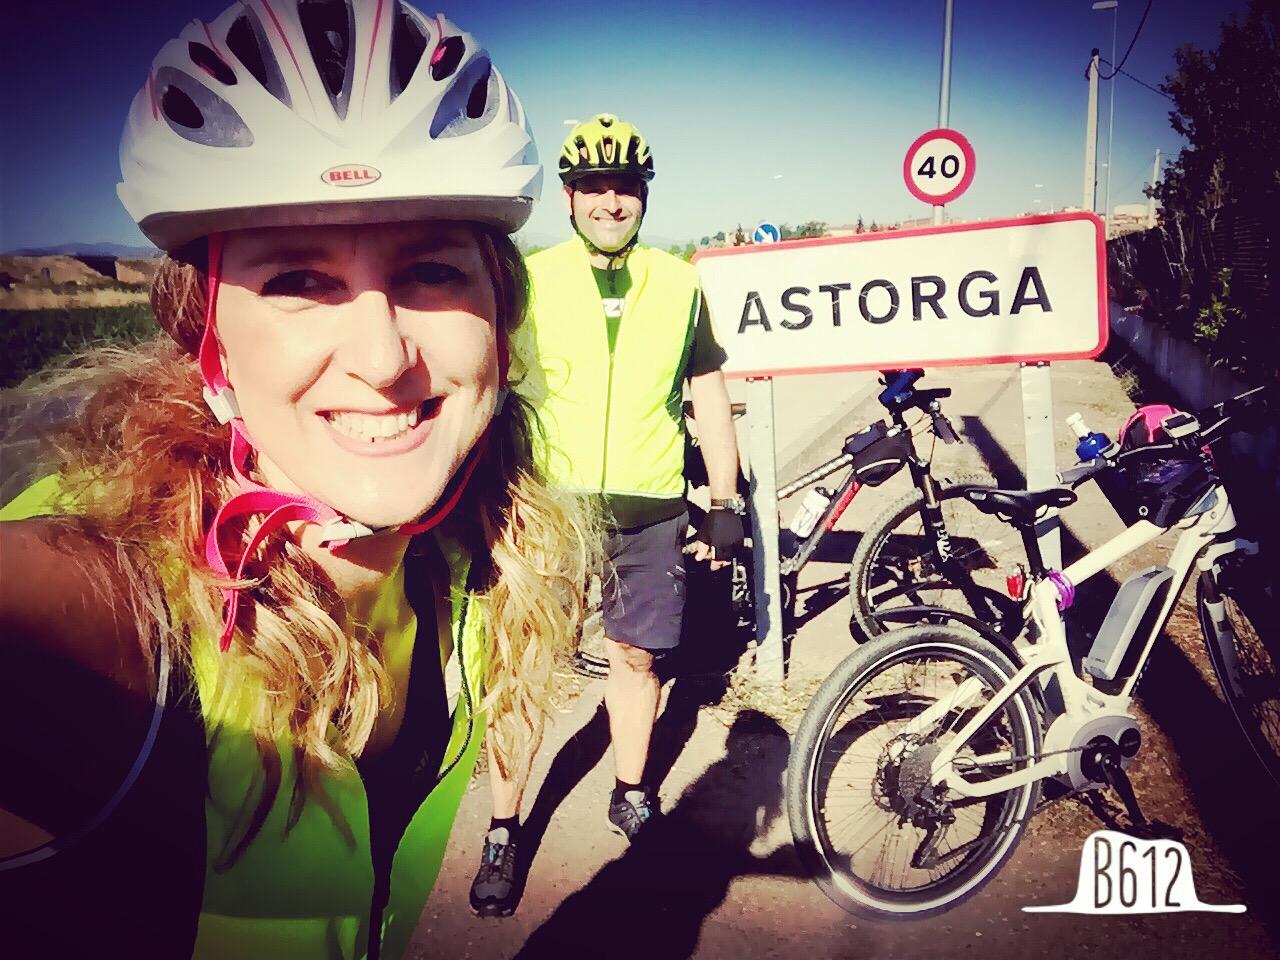 Que satisfacción tuve al llegar a Astorga... y como me gusta este pueblo a mi desde que mi hermana vivió allí tantos años...